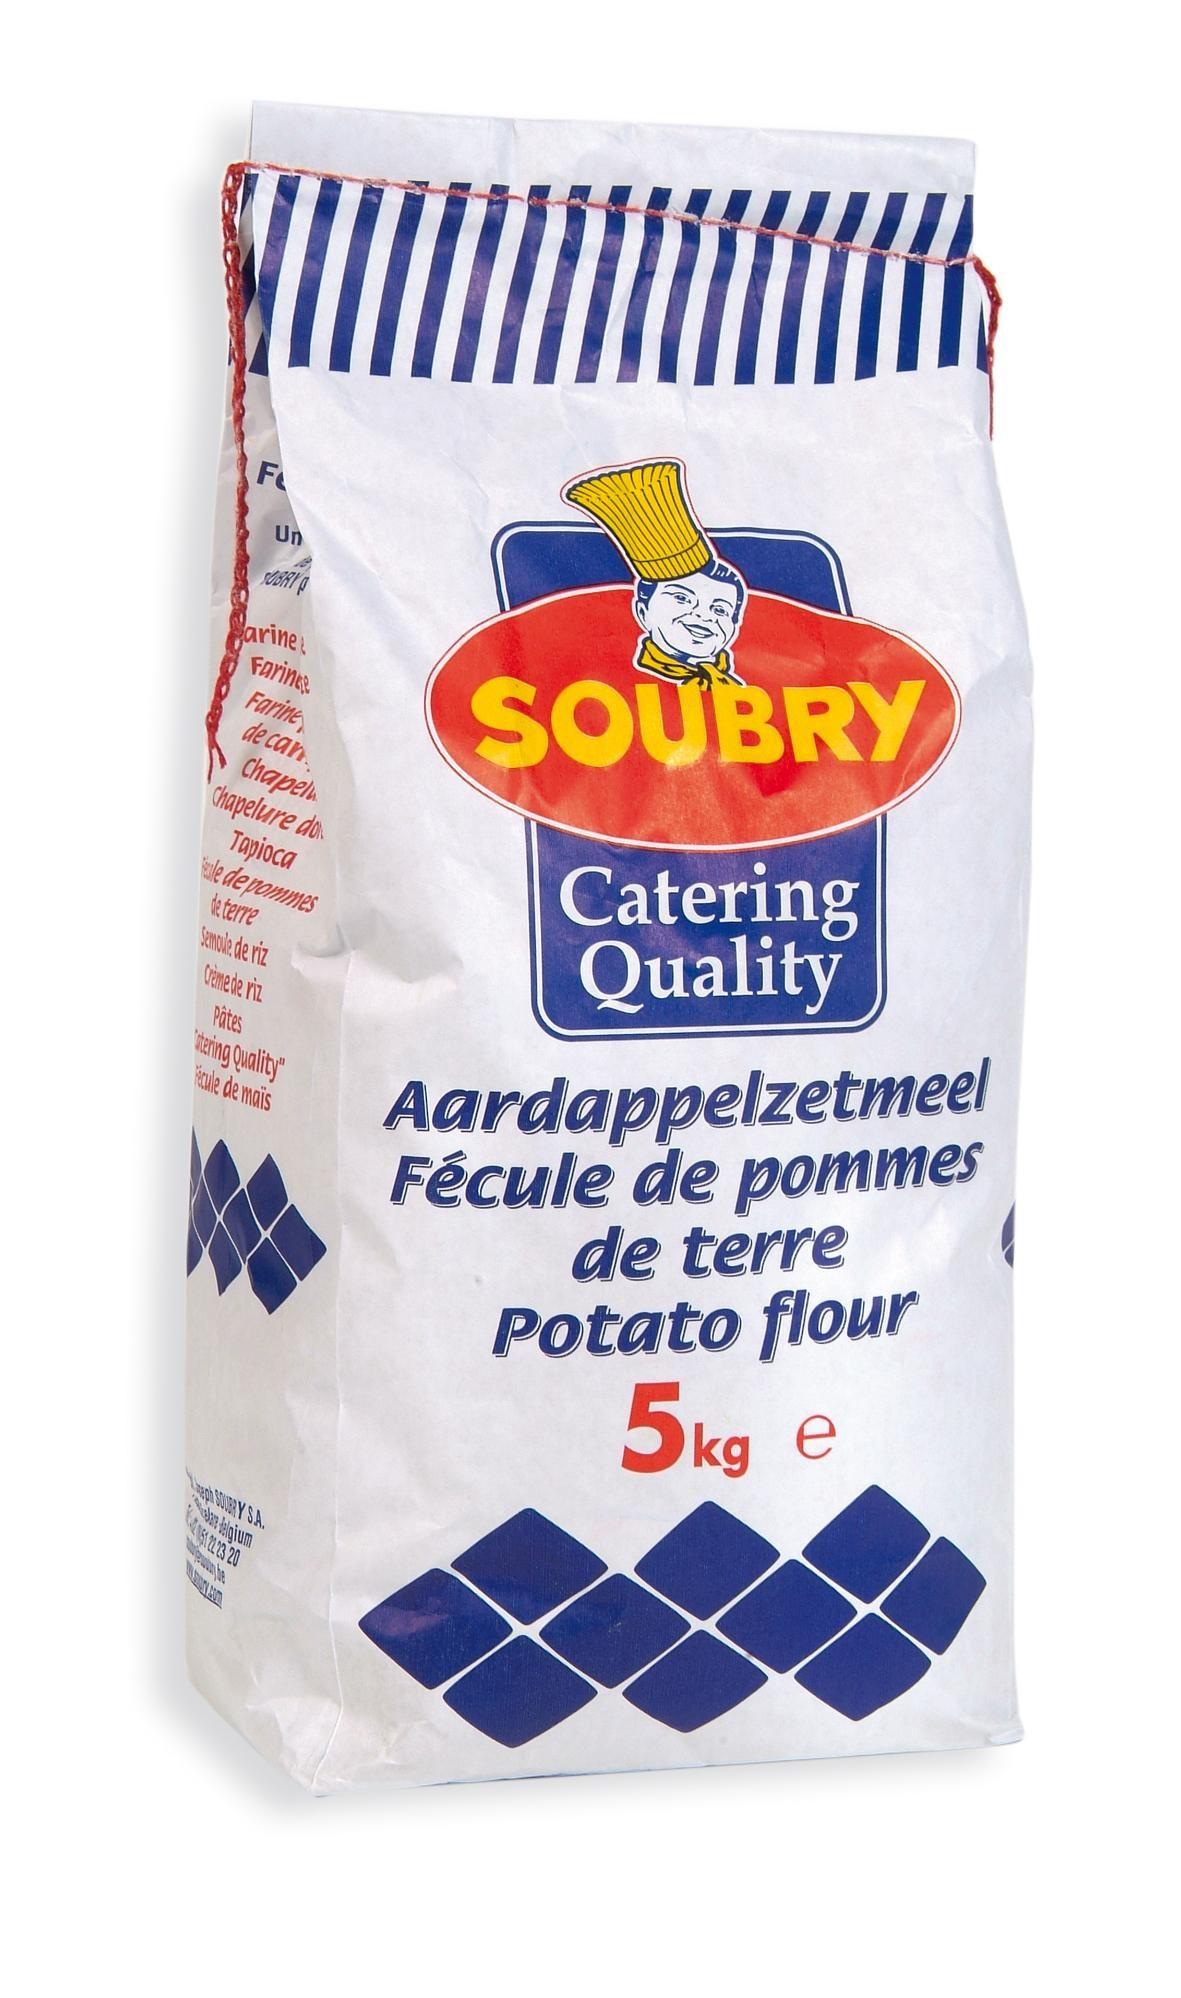 Aardappelzetmeel 5kg Soubry